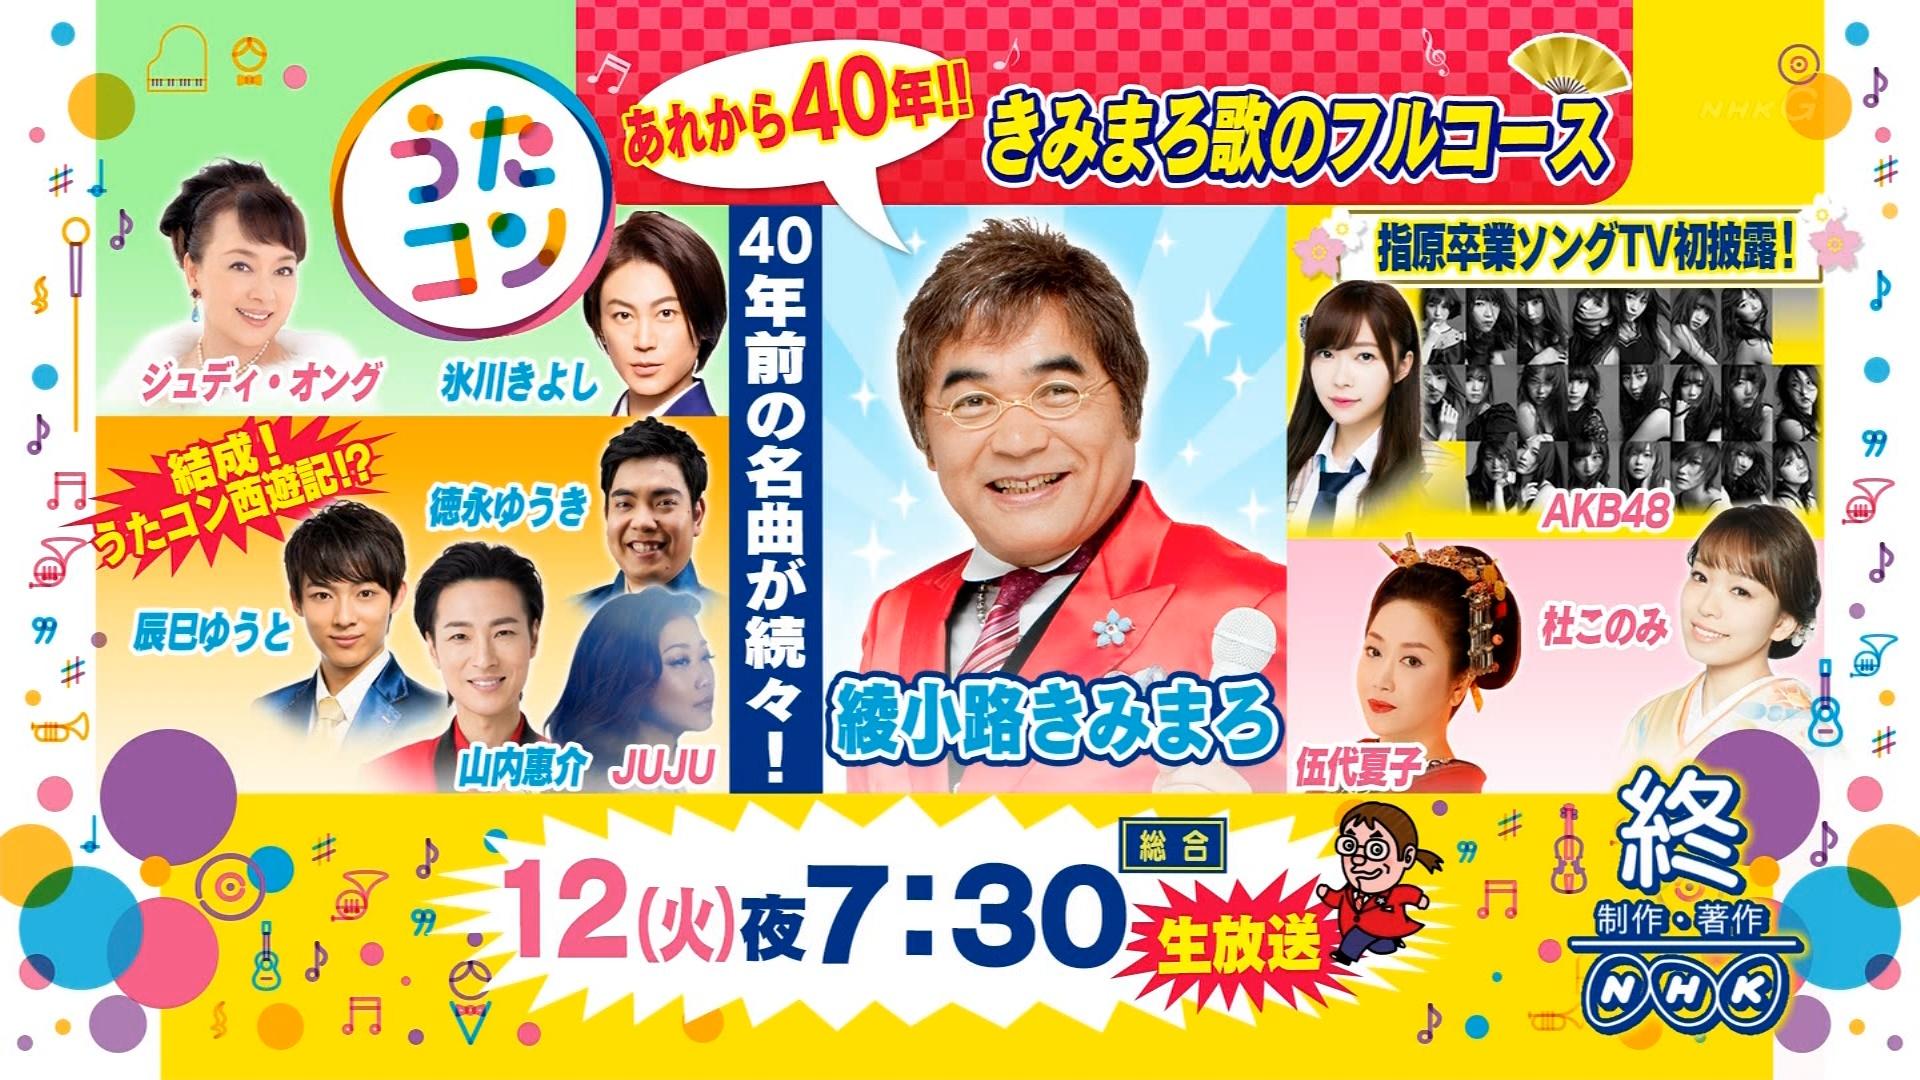 【朗報】来週のうたコンにAKB48クル━━━(゚∀゚)━━━!!!